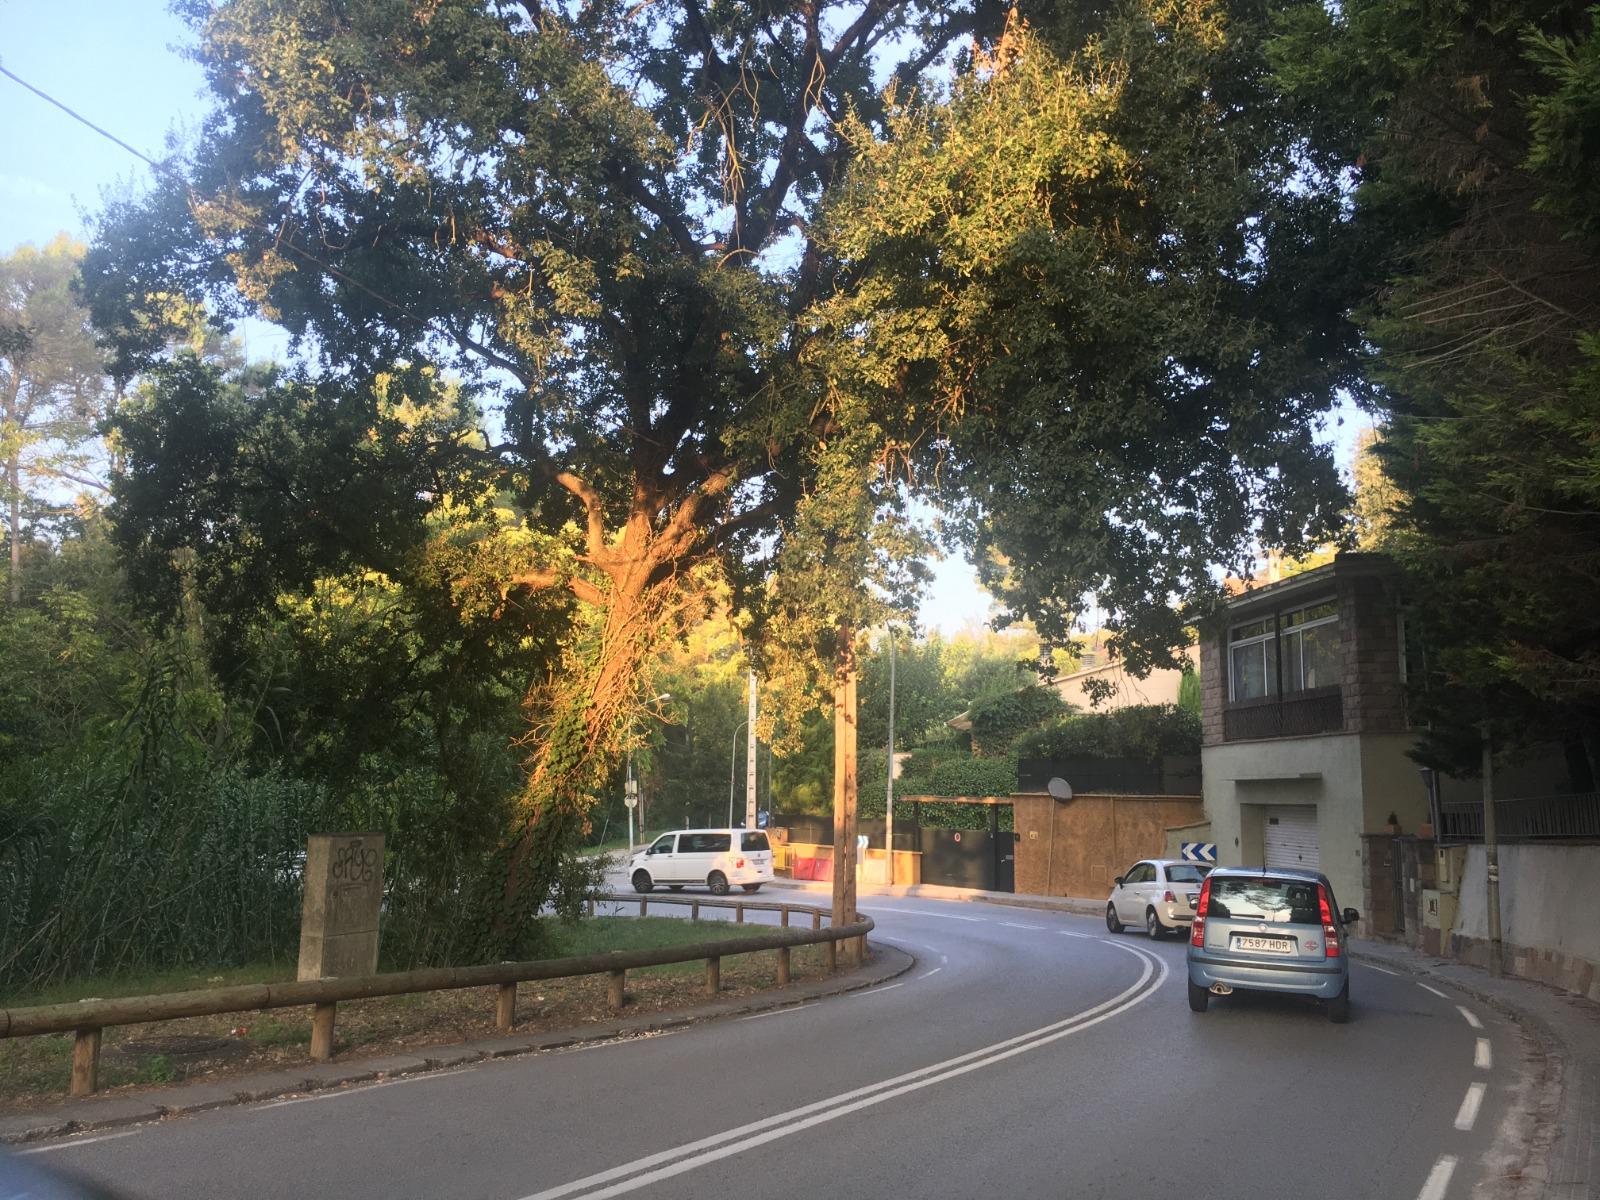 Corba de l'avinguda Bartomeu, a la BV-1414, on es faran els treballs | Redacció